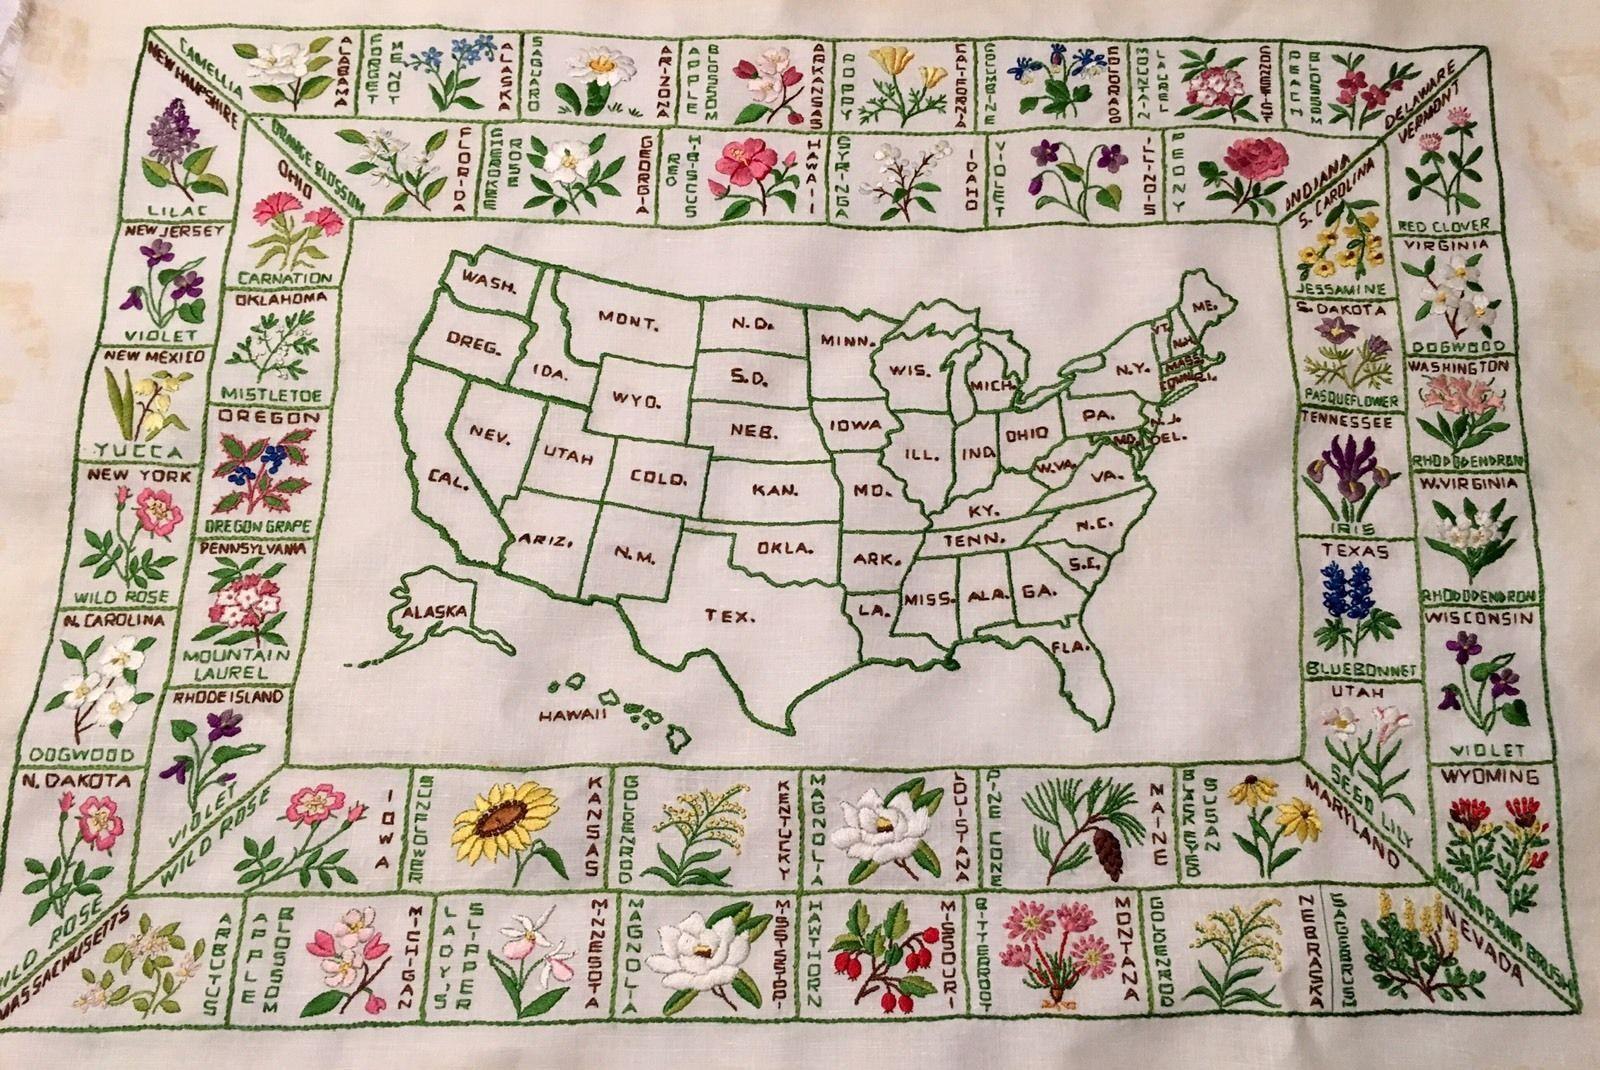 New Mexico Zip Codes Map List Counties And Cities Ohio Zip Code - Us zip code in florida